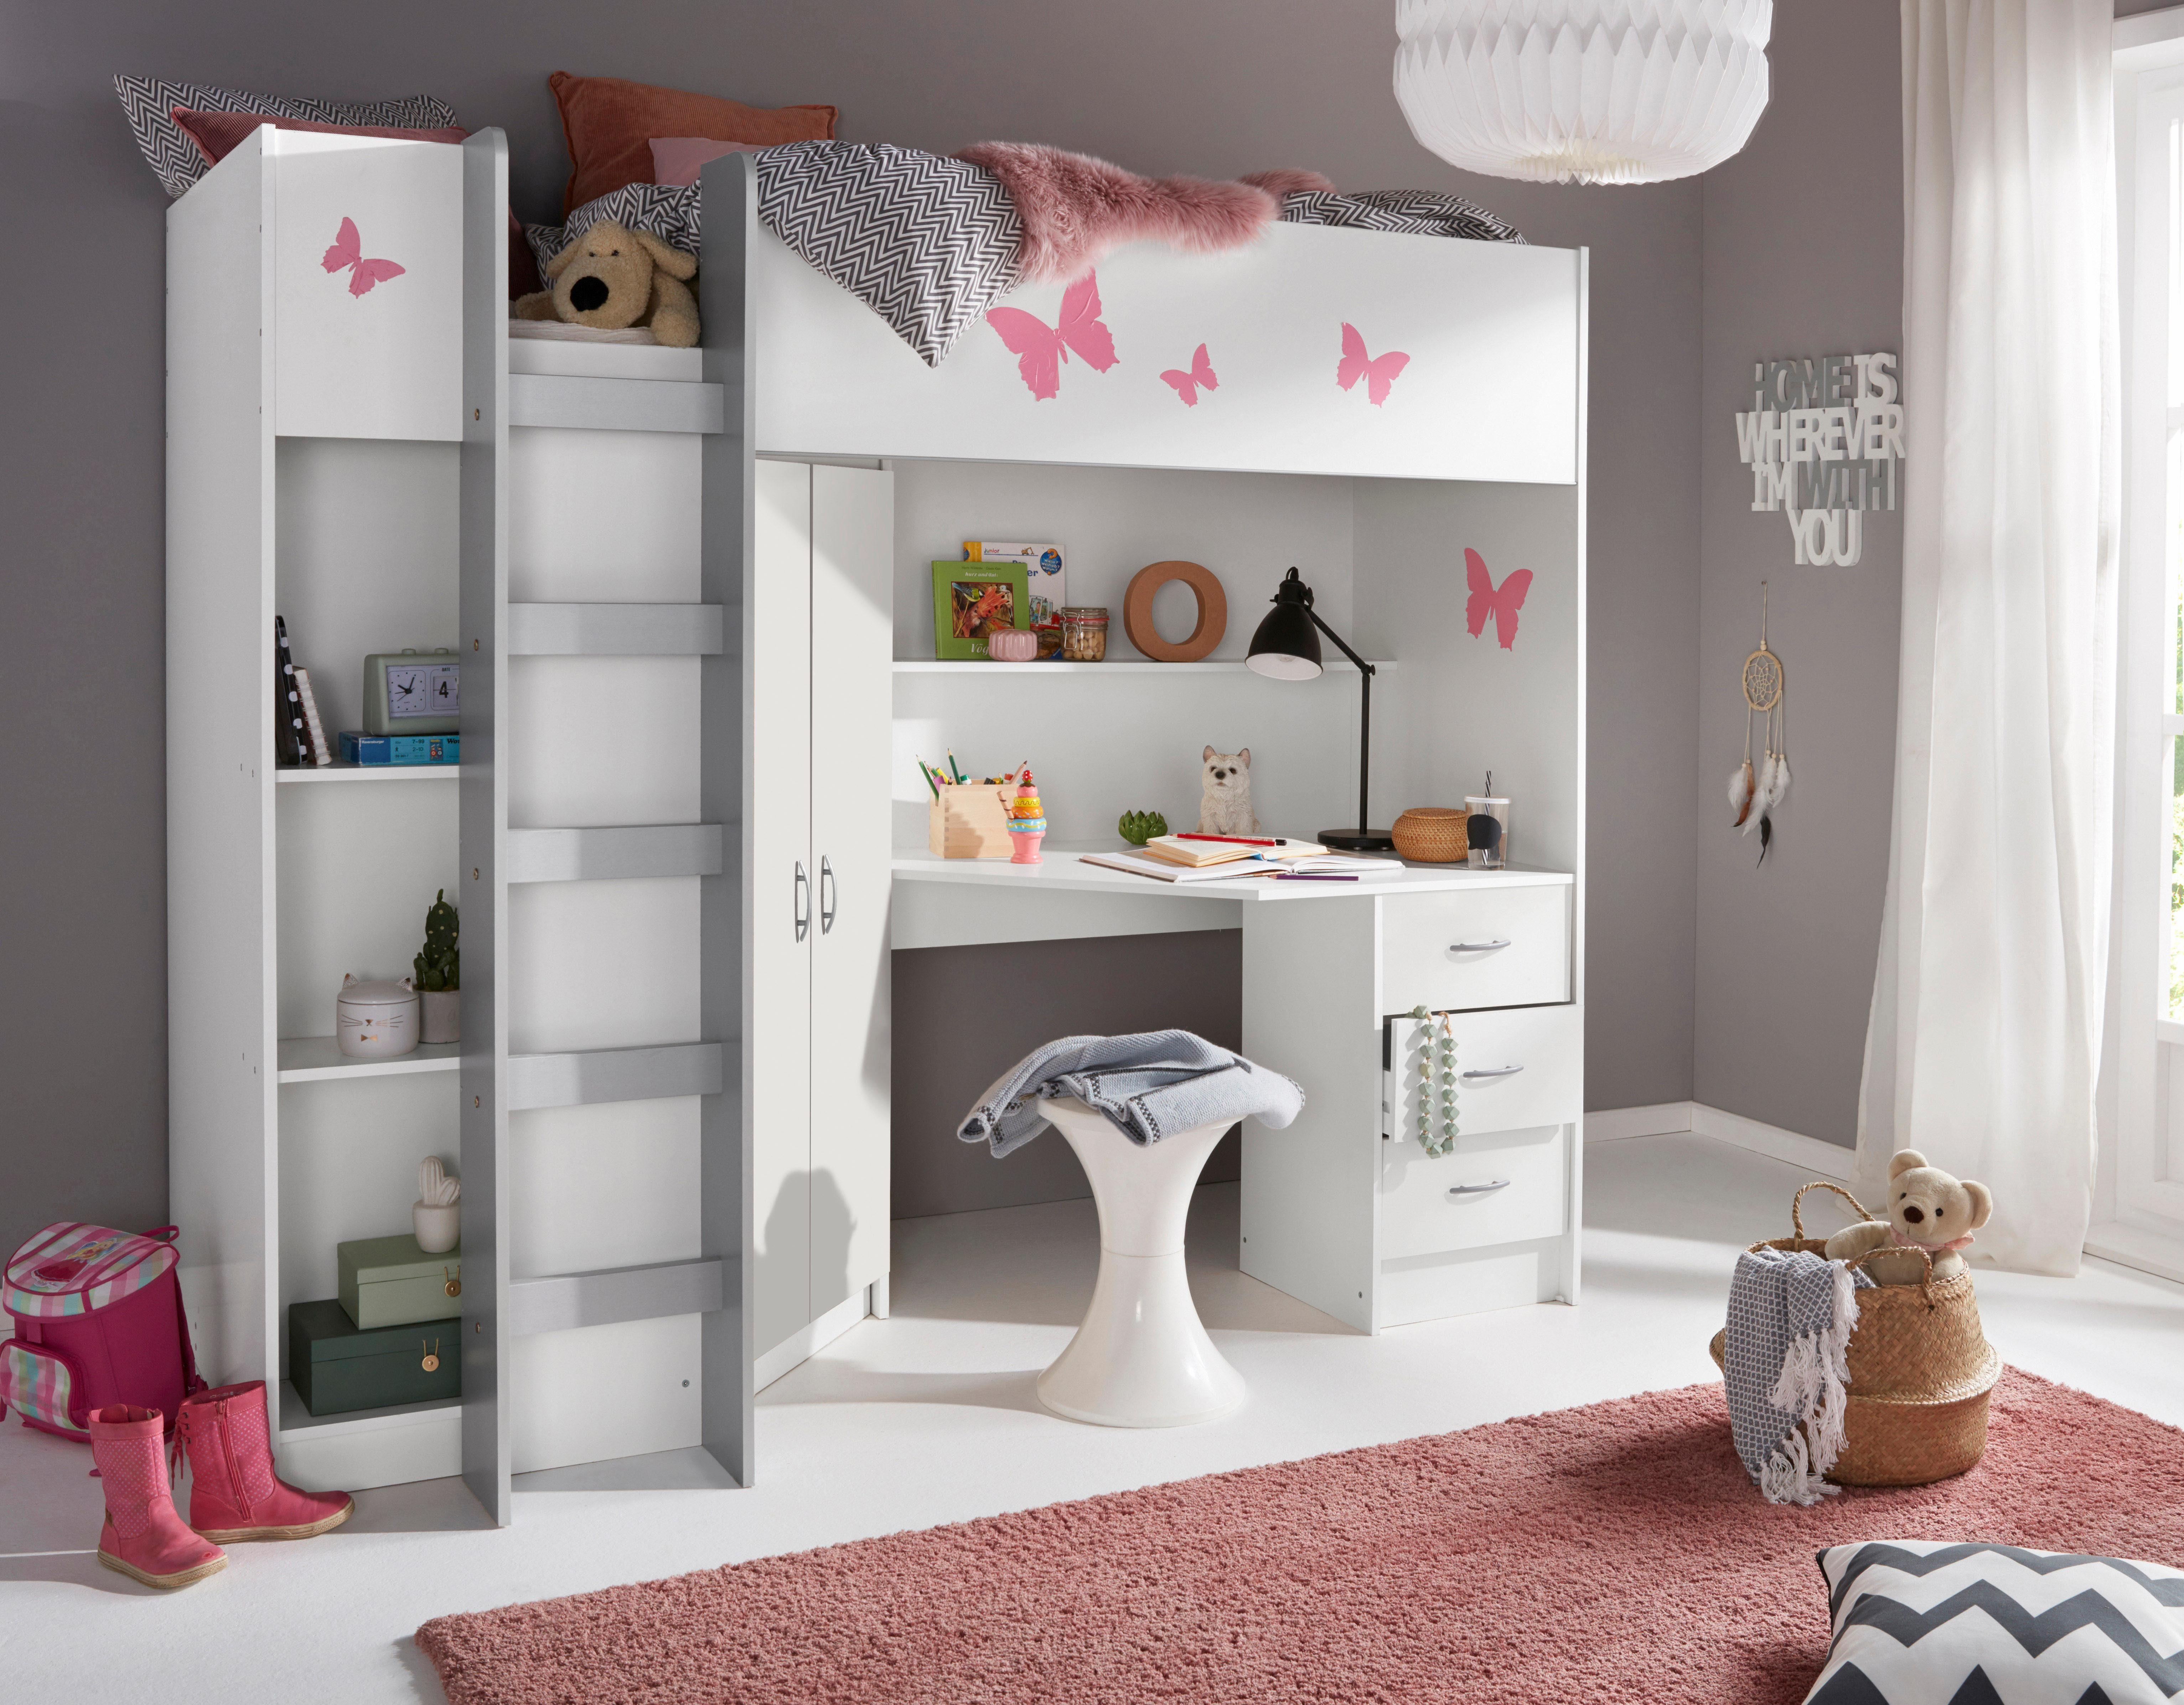 Etagenbett Geko : Faszinierend hochbett für kinder lifetime abenteuer und etagenbett